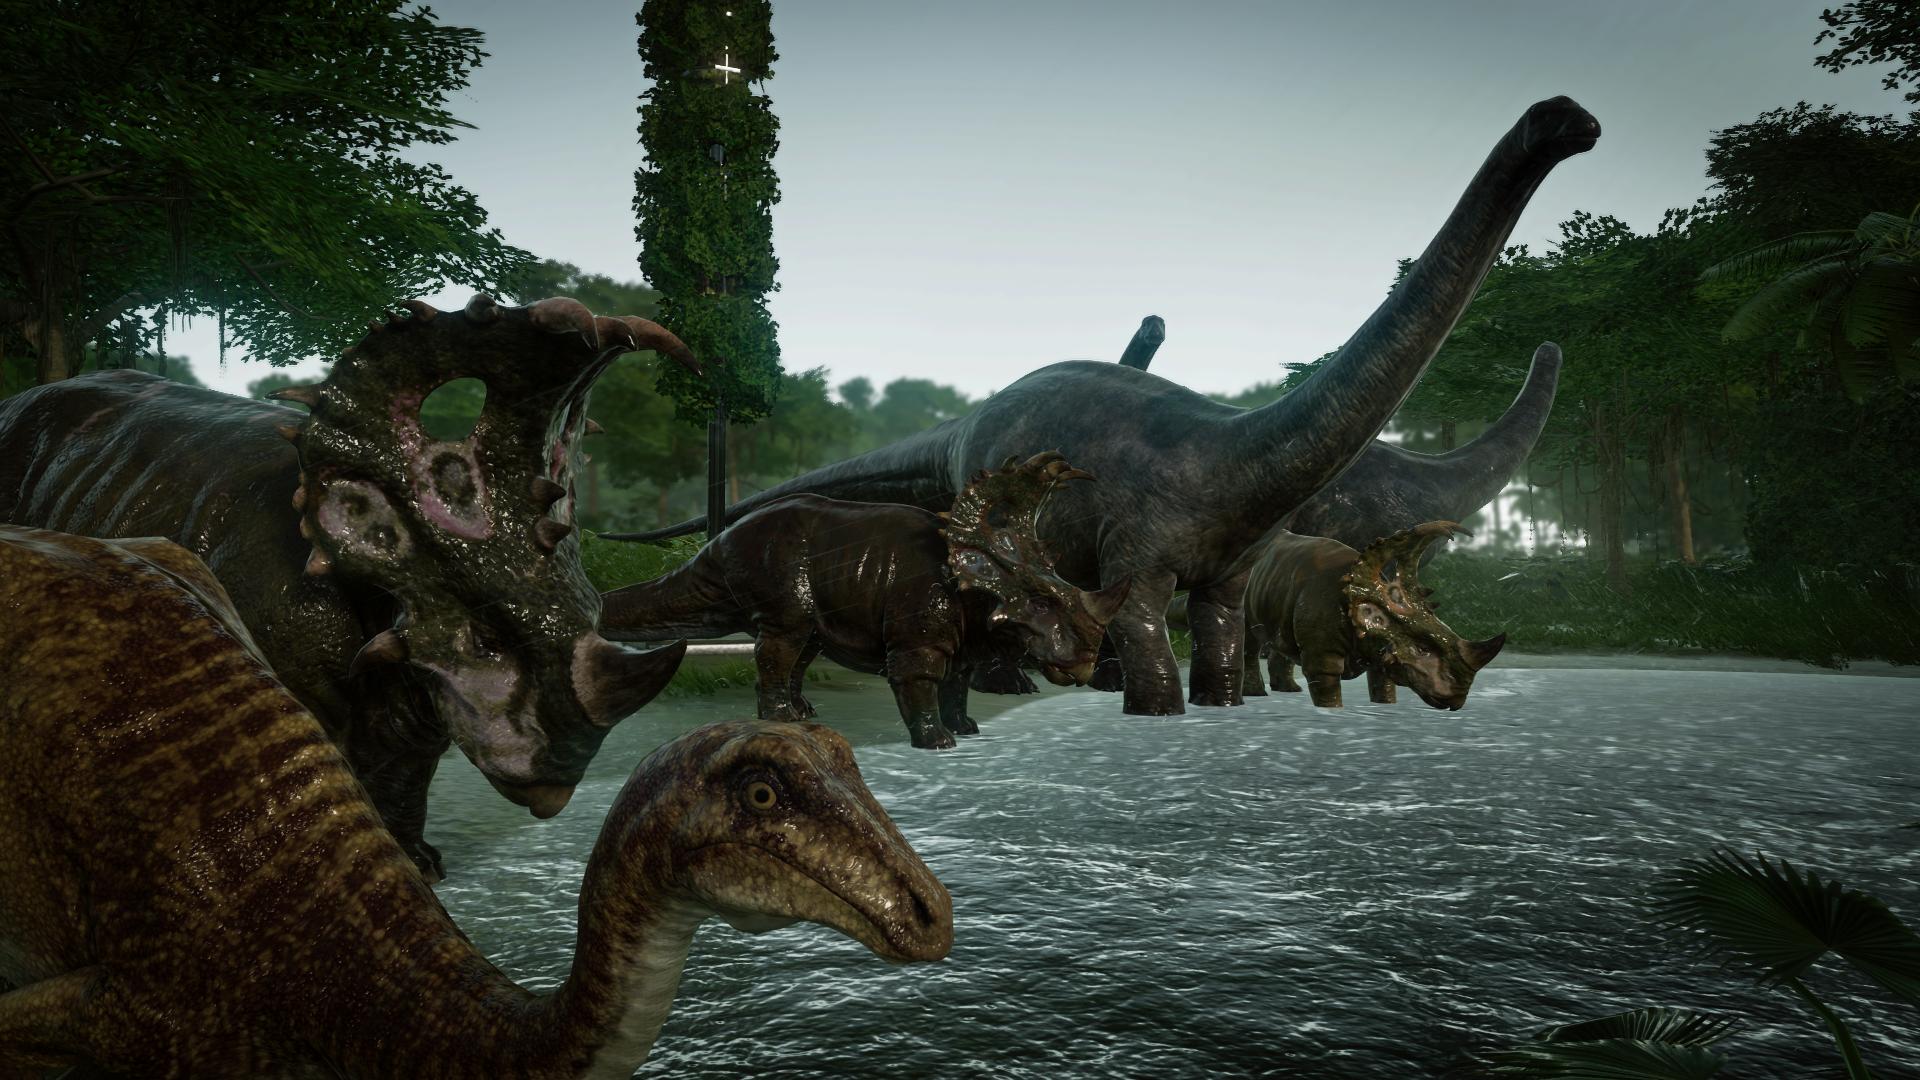 Dinosaur Jurassic World Evolution Wiki Fandom Este paquete de dinosaurios adicionales es para los propietarios del juego base que deseen actualizarlo a la edición deluxe de jurassic world evolution. dinosaur jurassic world evolution